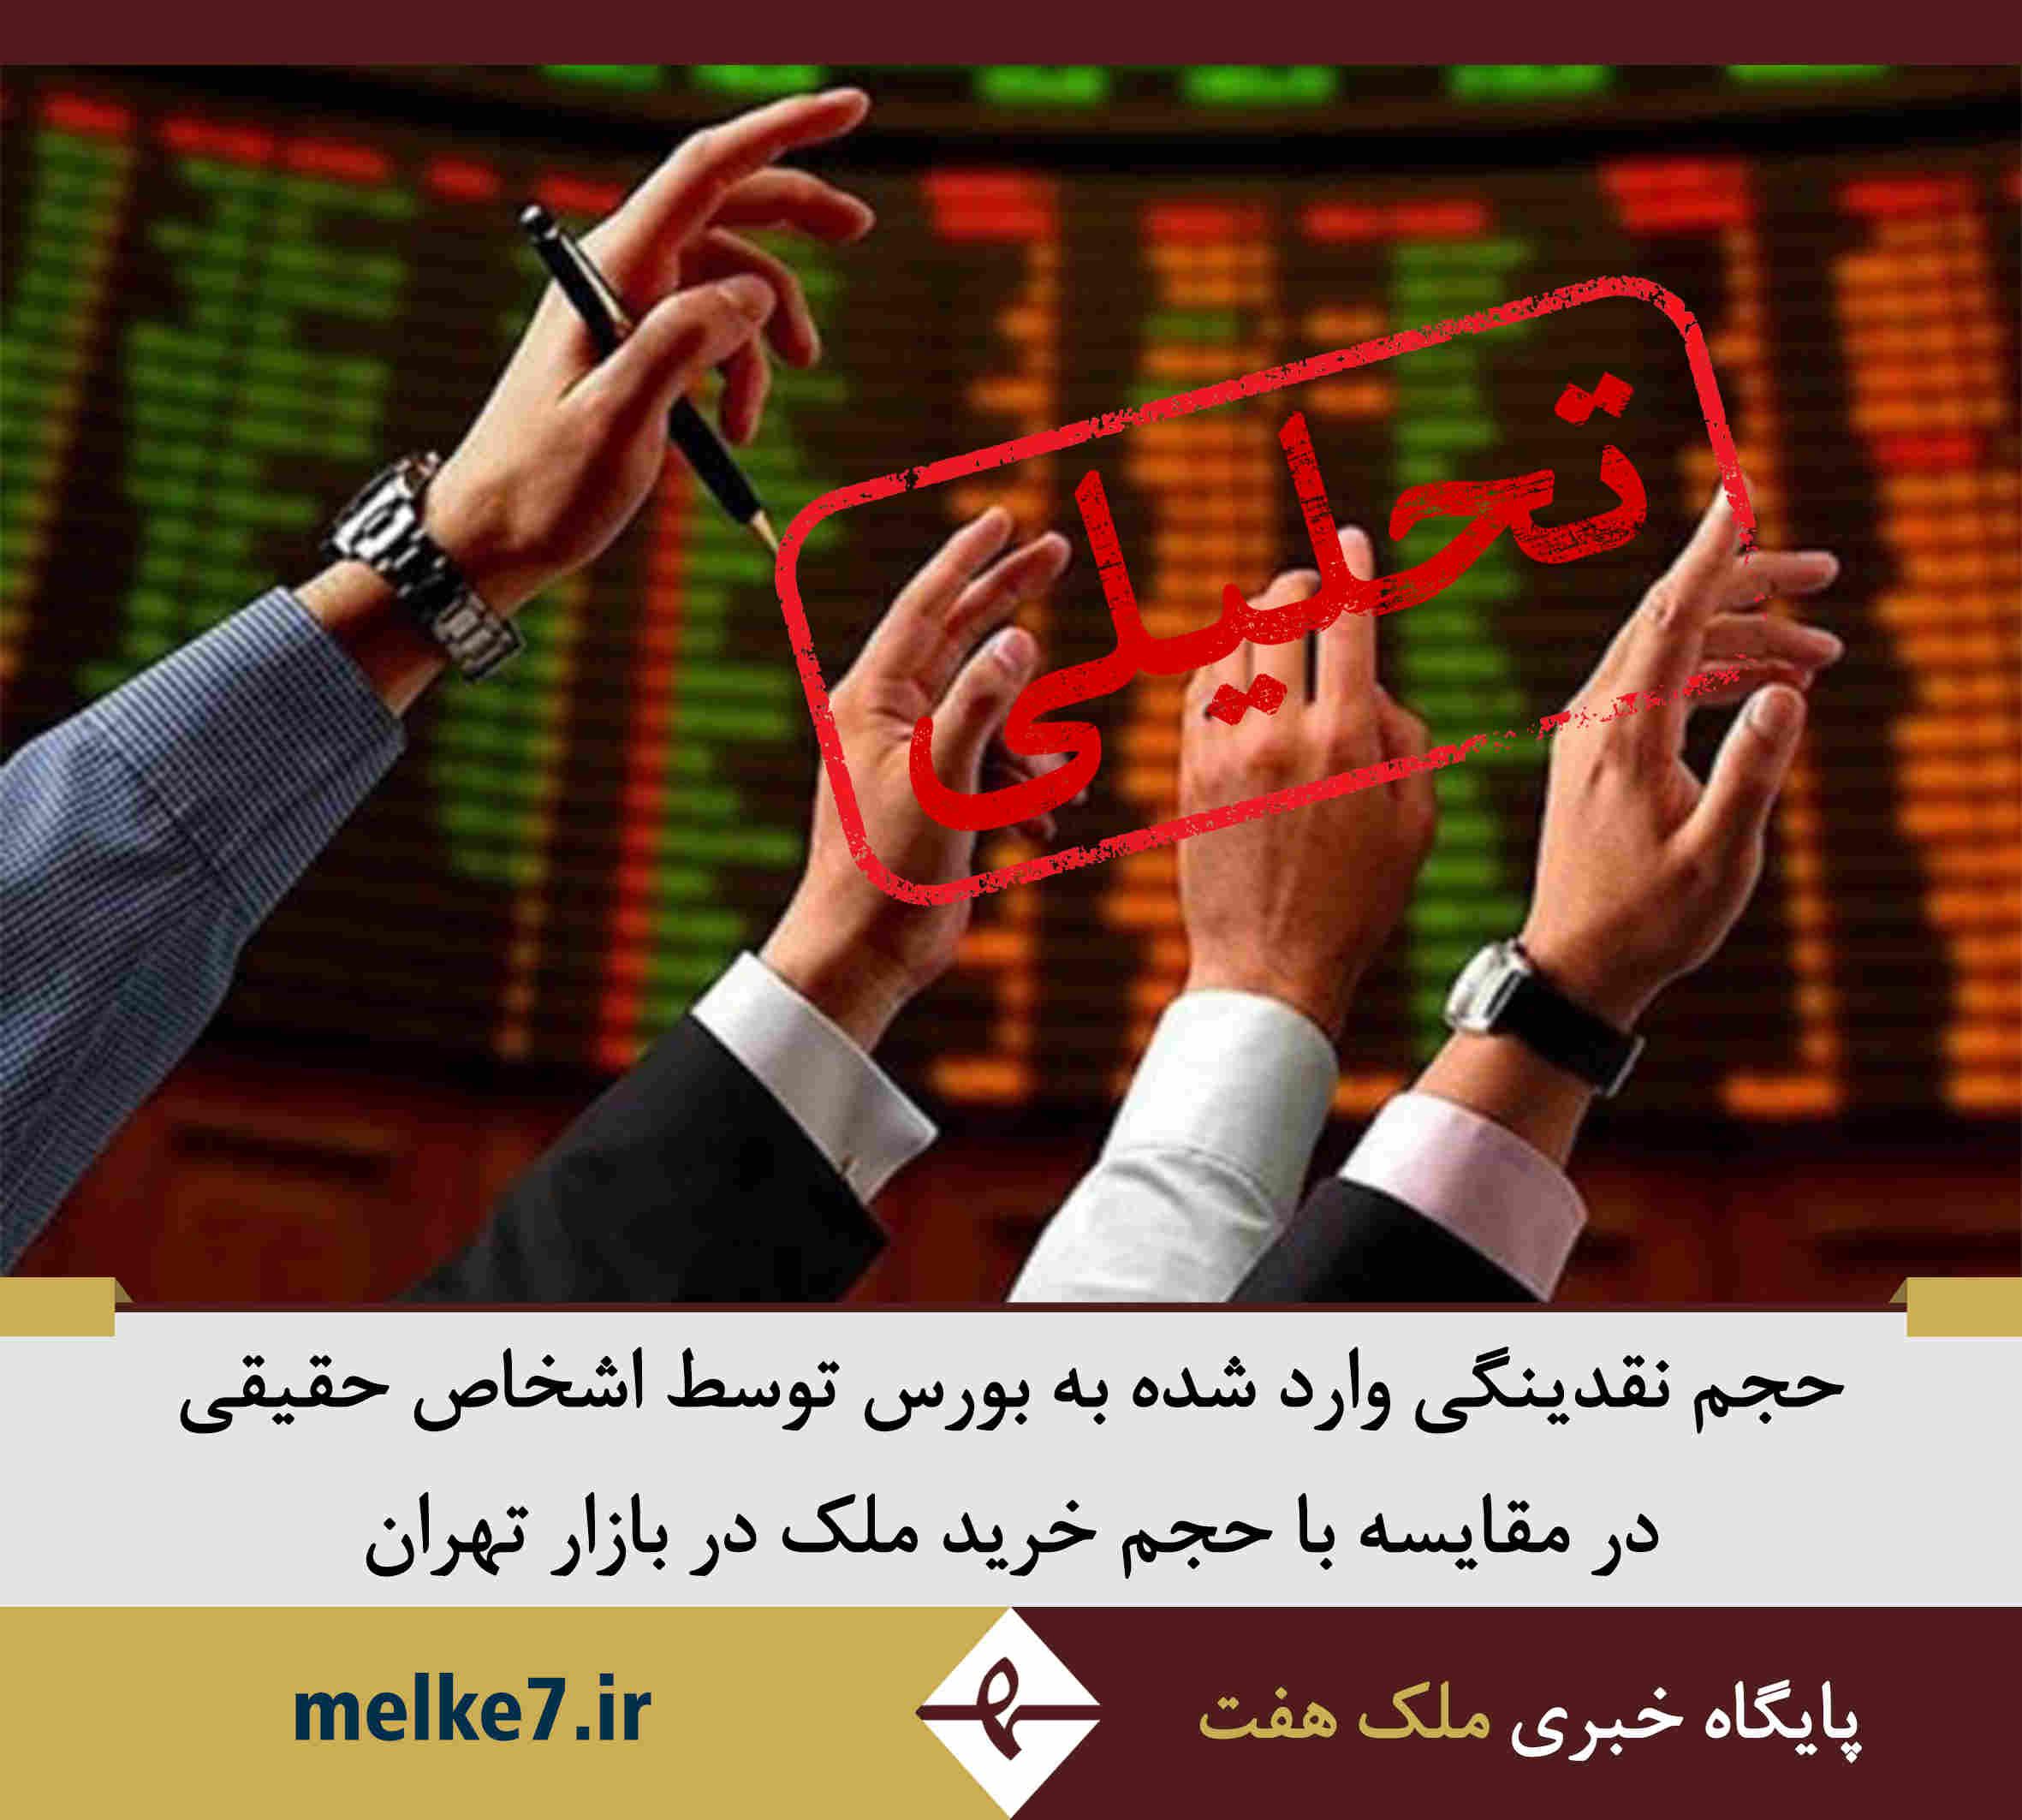 حجم نقدینگی وارد شده به بورس توسط اشخاص حقیقی در مقایسه با حجم خرید ملک در تهران